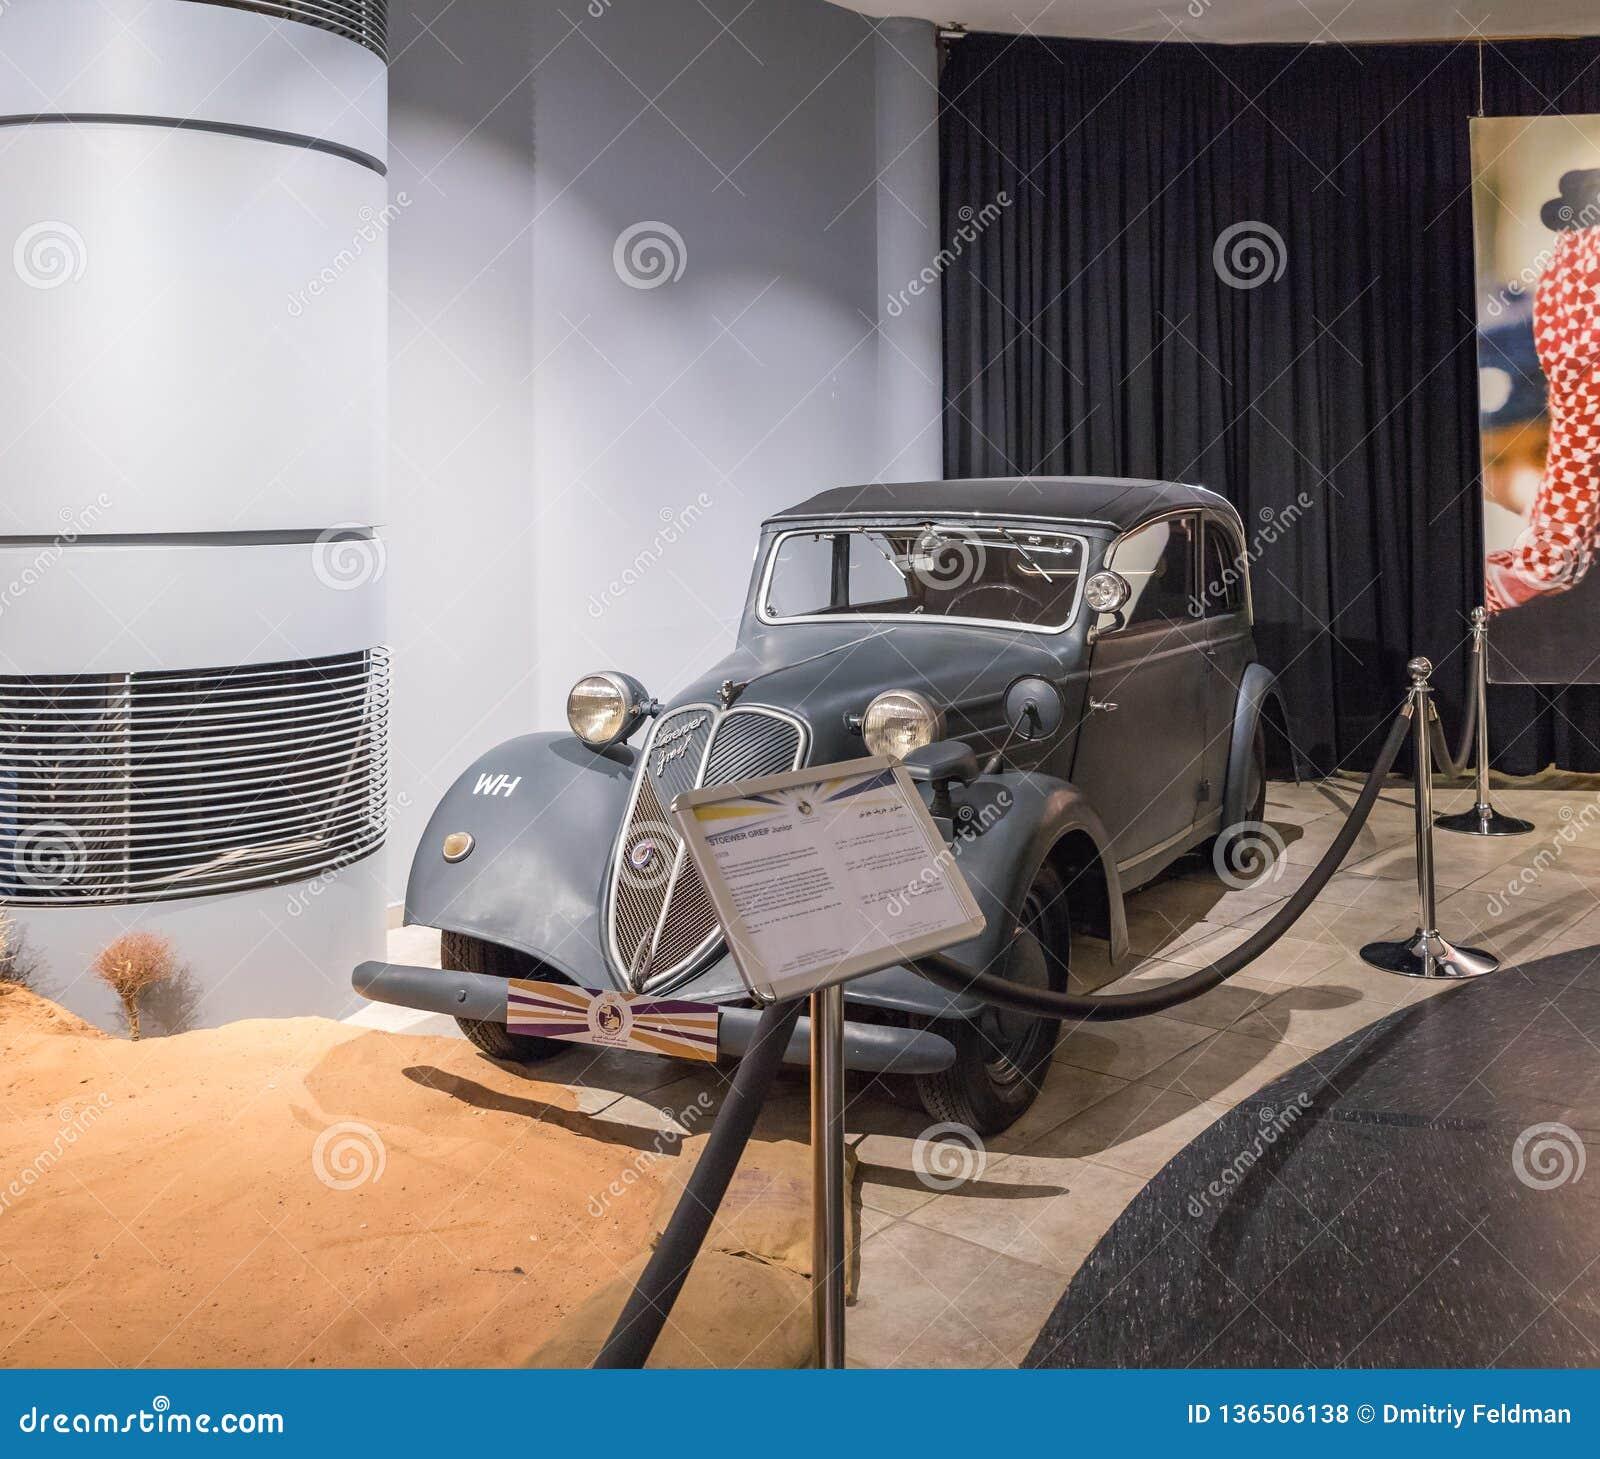 Júnior 1938 do sofrimento de Stoewer na exposição no museu em Amman, a capital do carro do rei Abdullah II de Jordânia